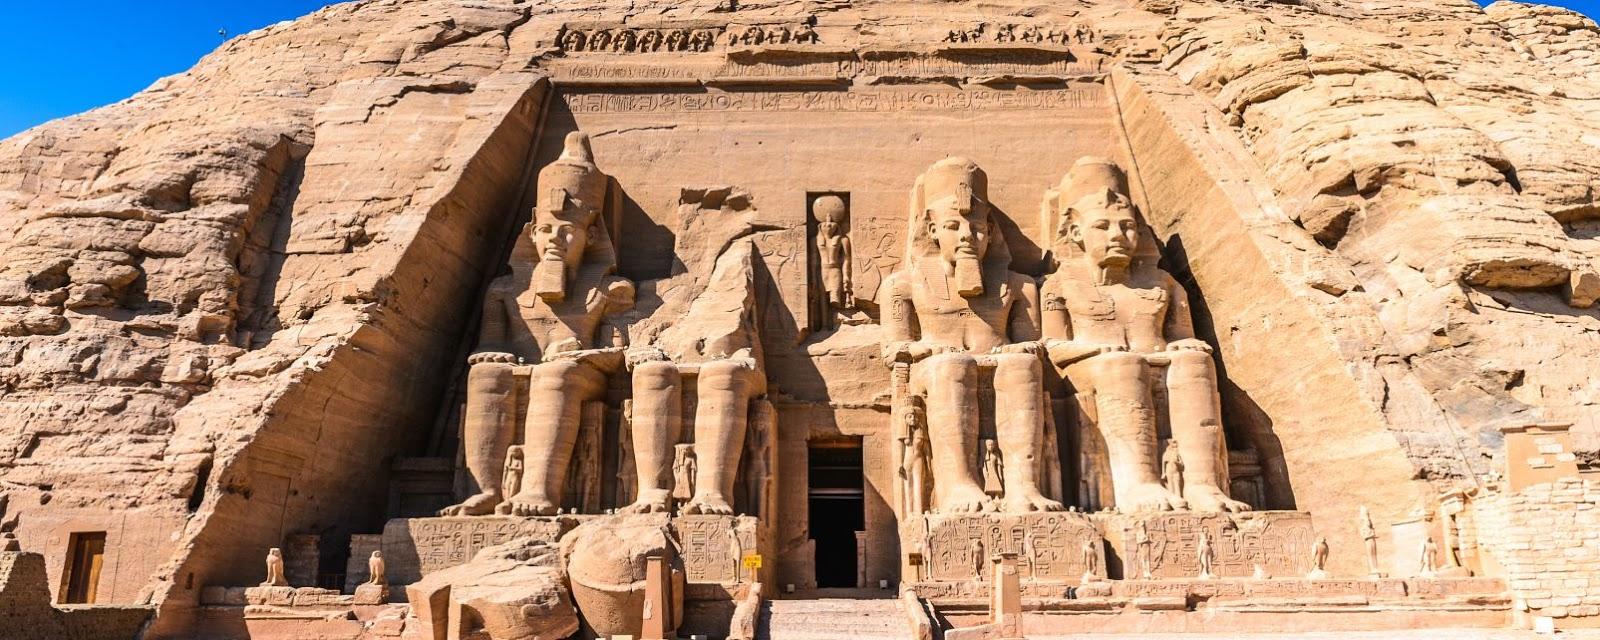 cual es el elemento característico de la arquitectura egipcia